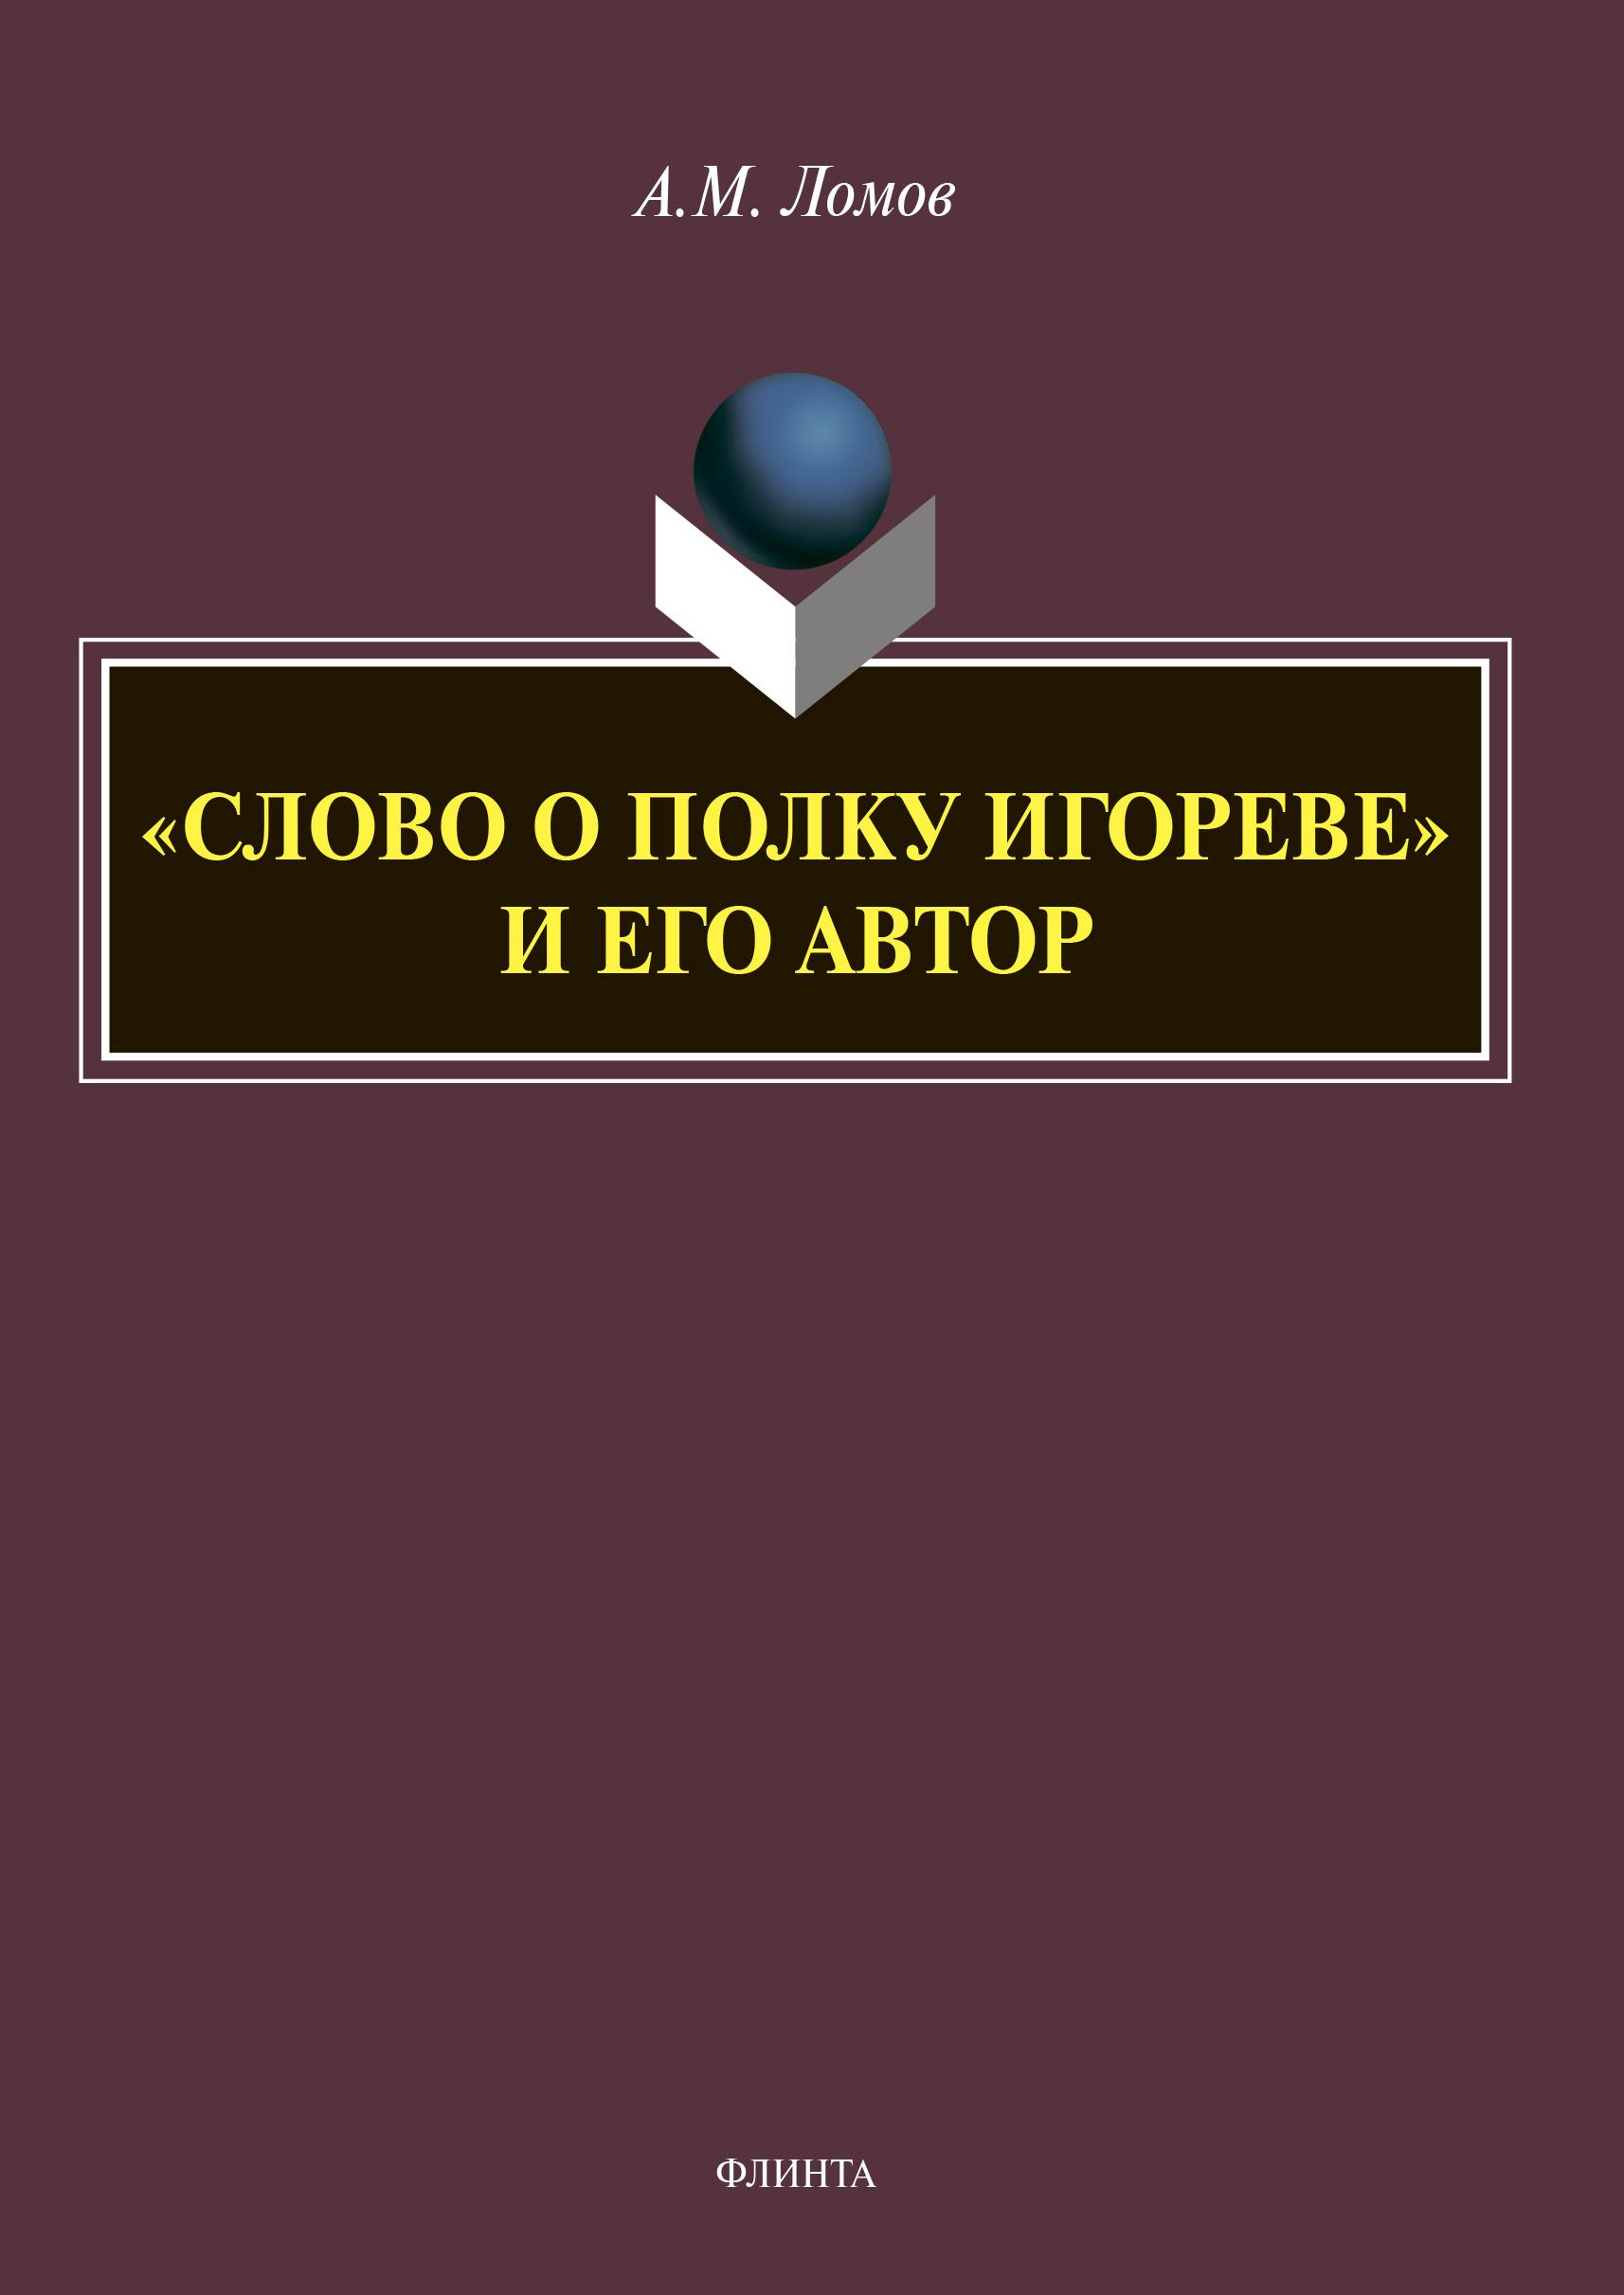 «Слово о полку Игореве» и его автор ( Анатолий Ломов  )